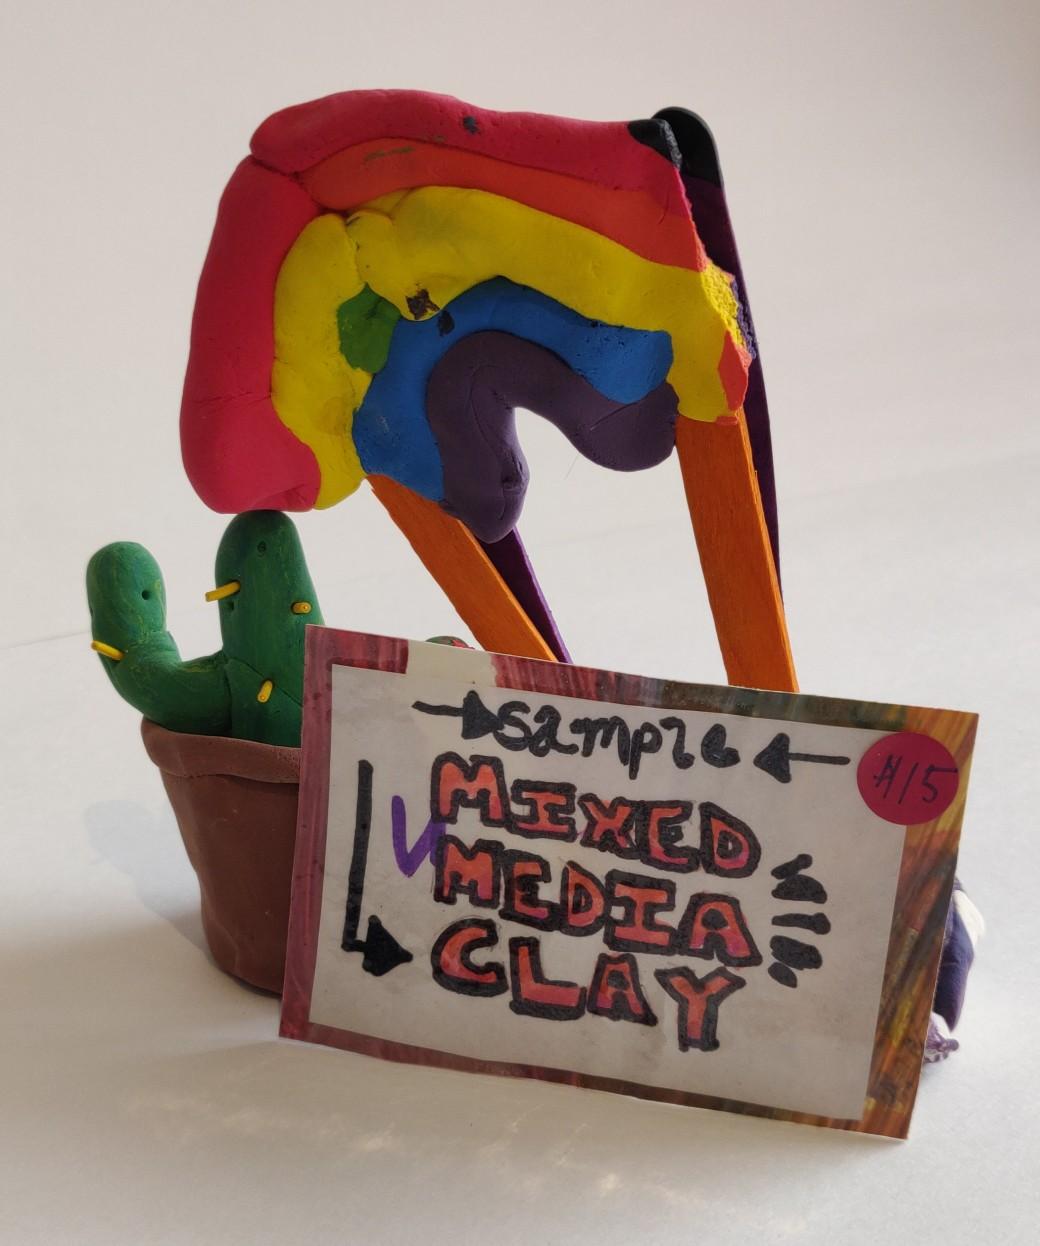 Mixed Media Clay Sculptures